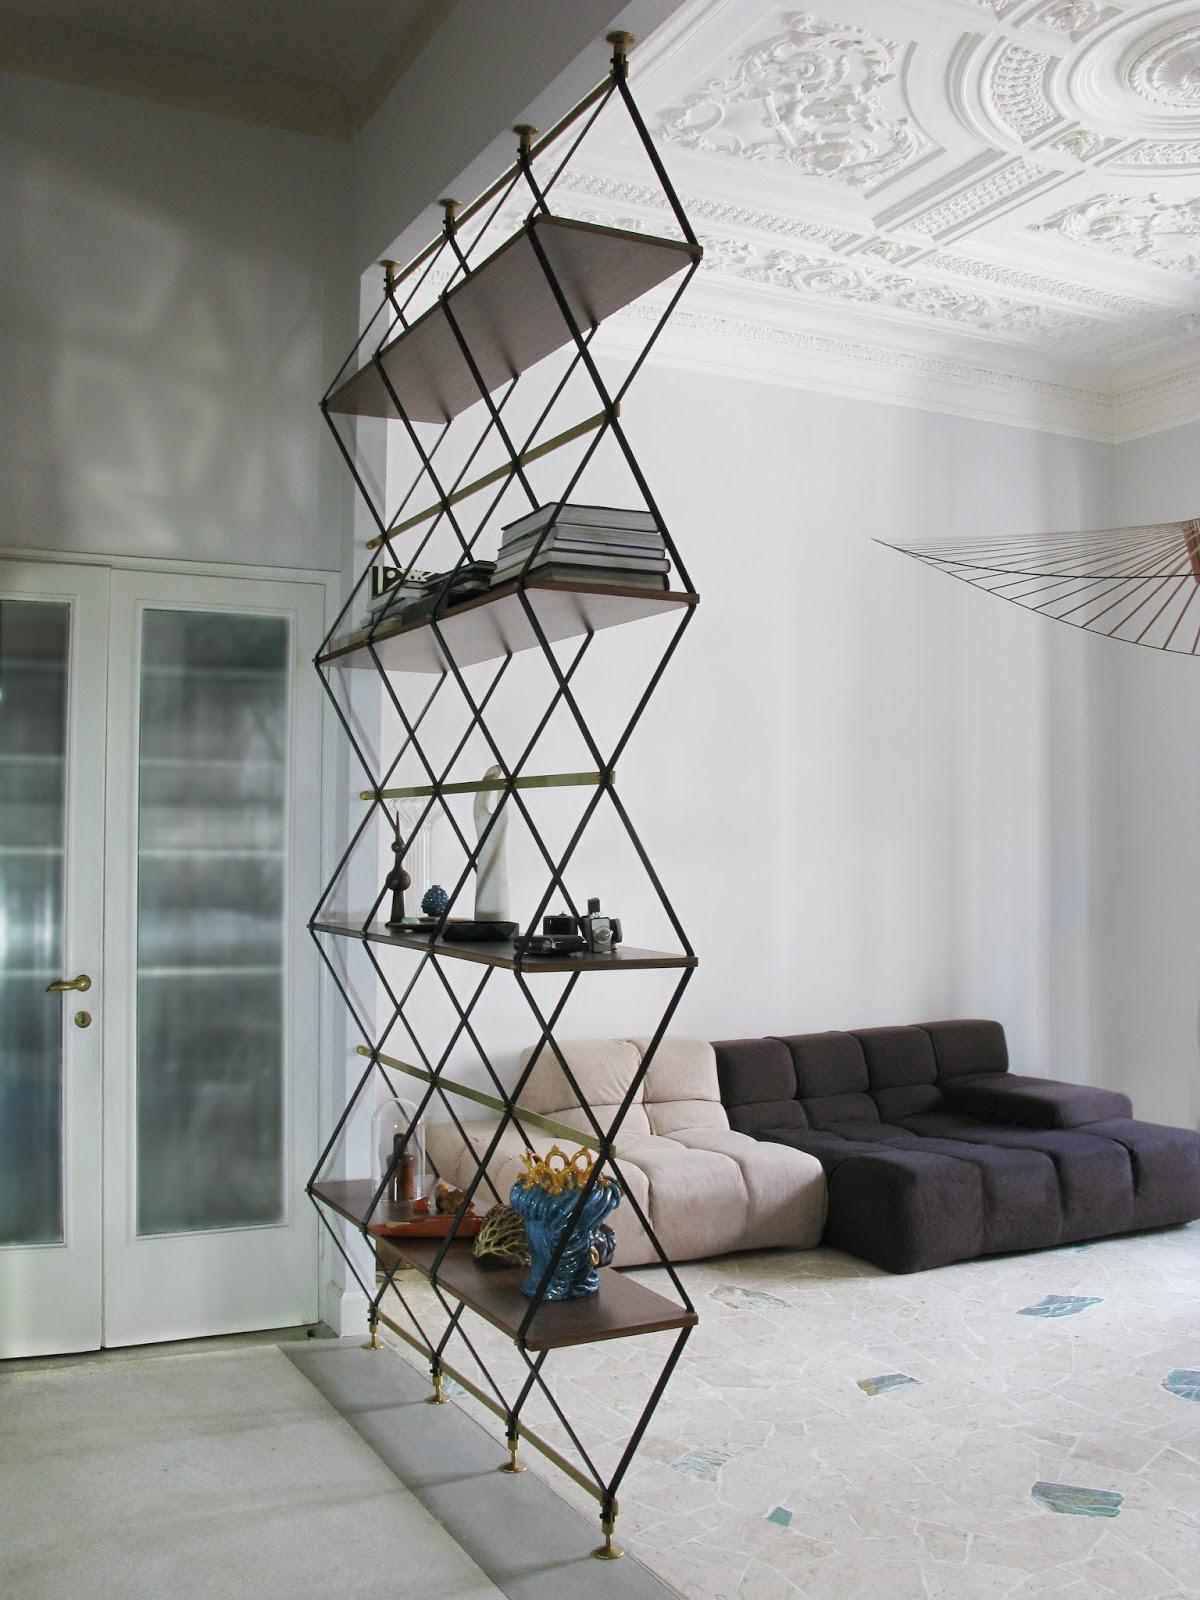 Металлический стеллаж для дома: стильно и практично (22 фото)